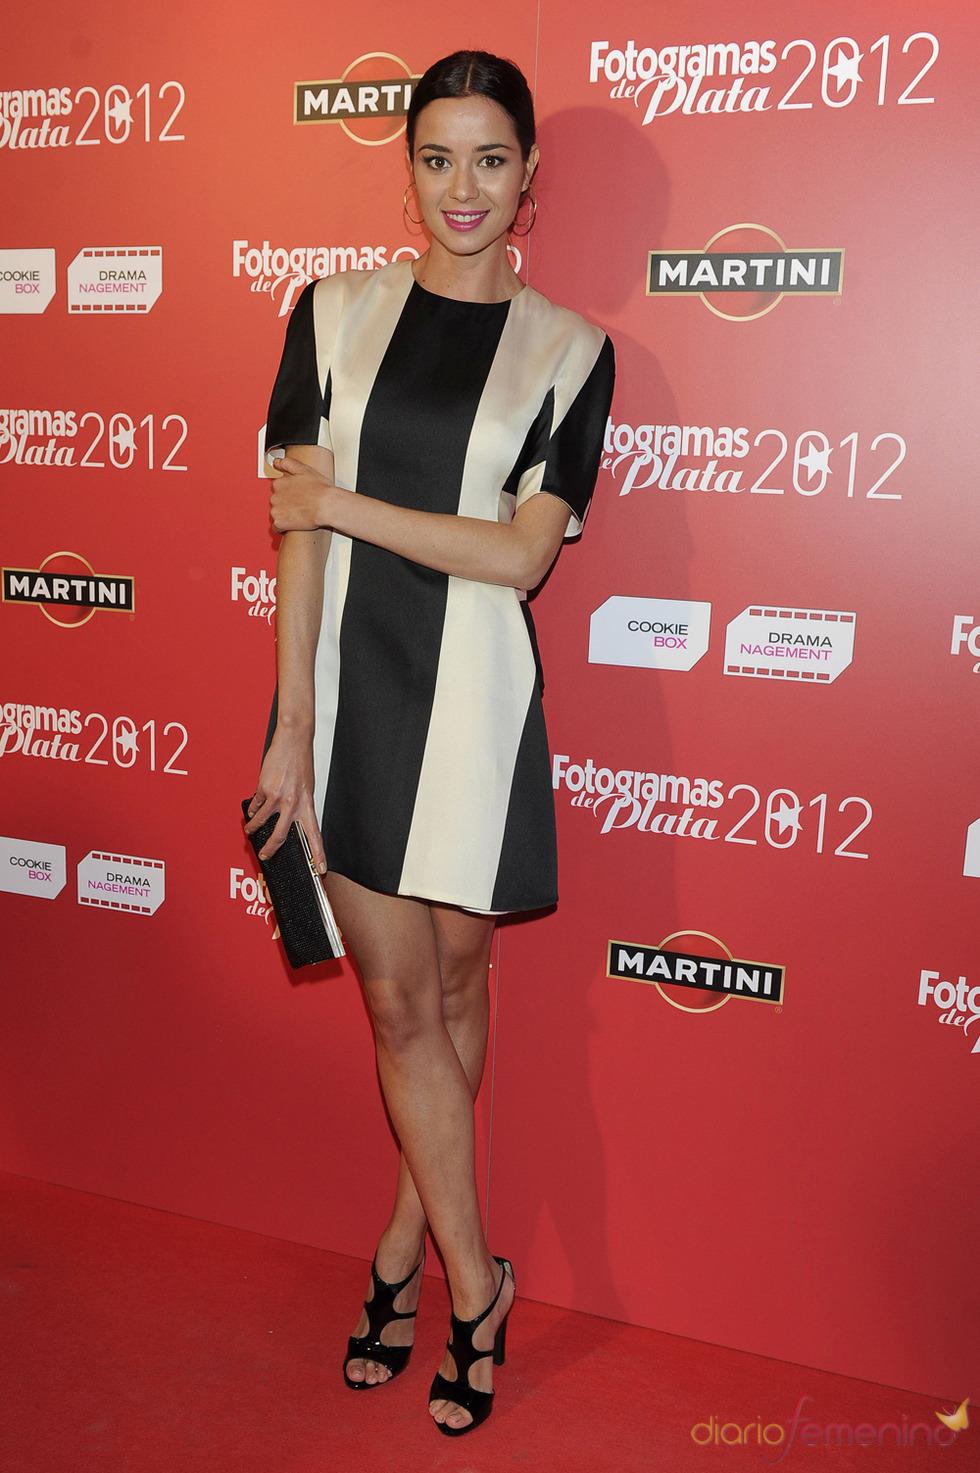 Dafne Fernández en la alfombra roja de los Fotogramas 2012